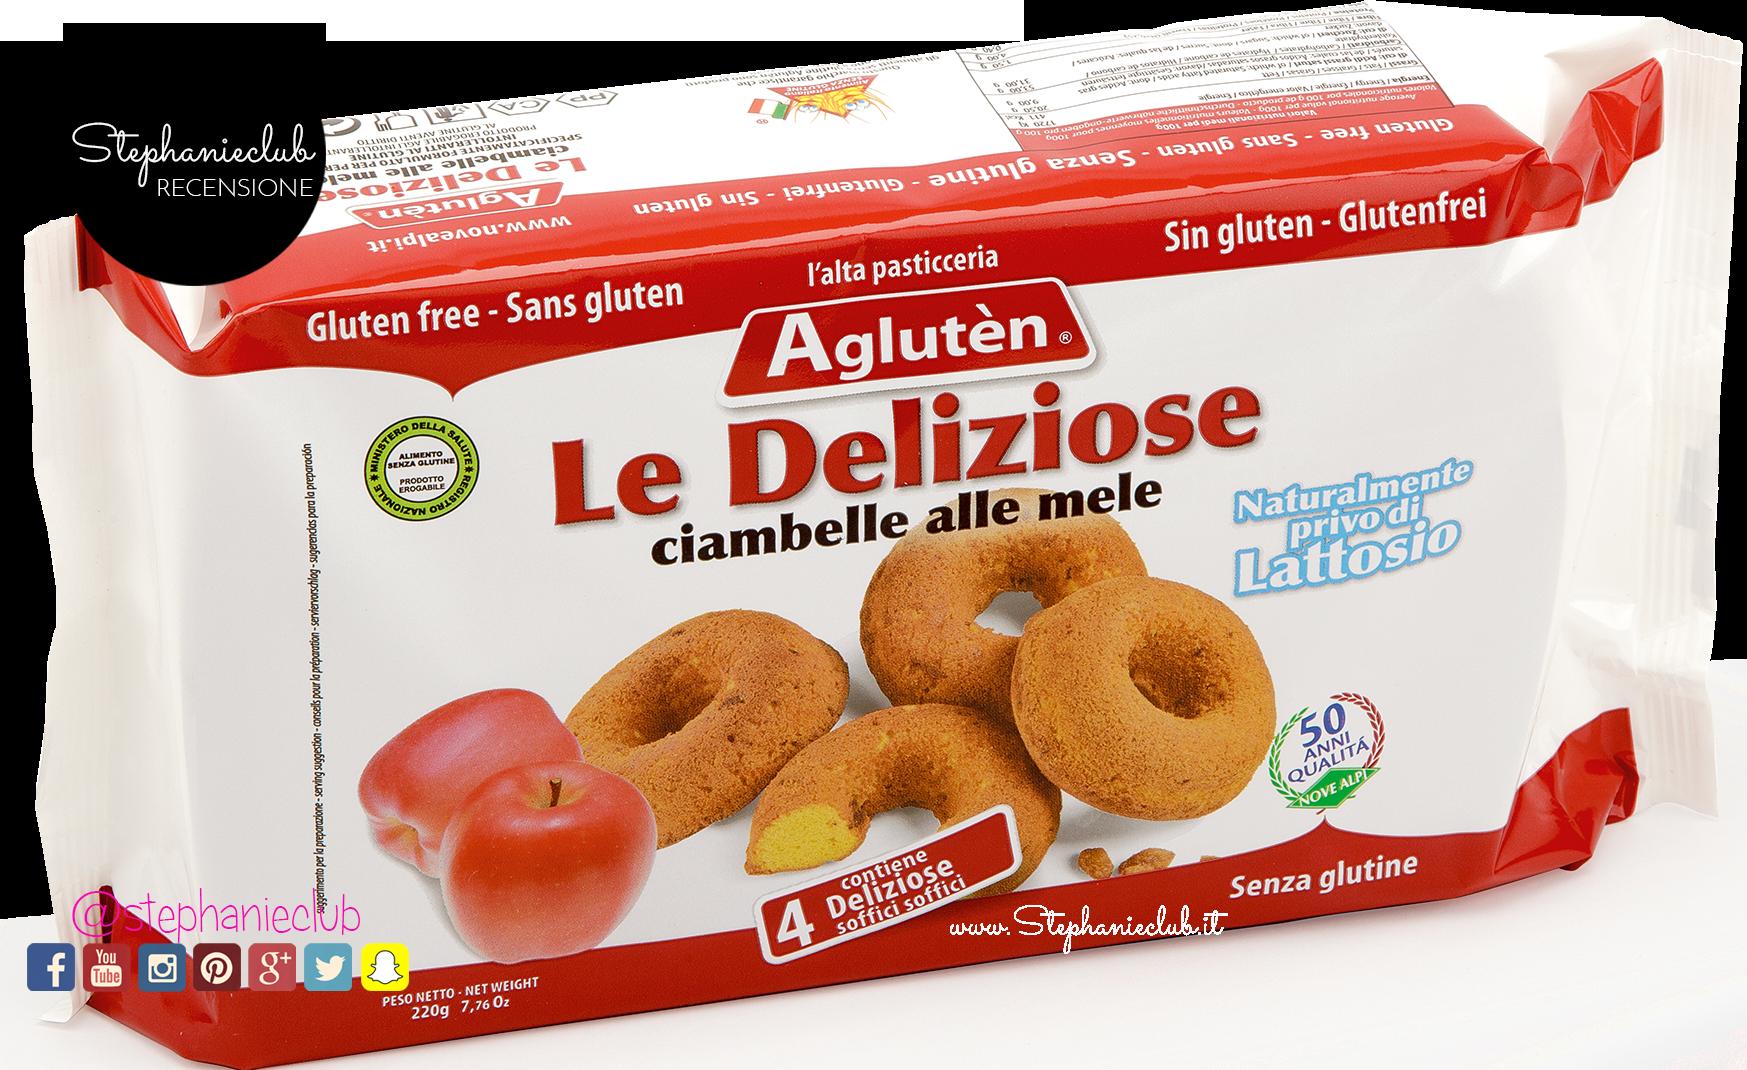 Recensione Le deliziose ciambelle alle mele - Agluten_02